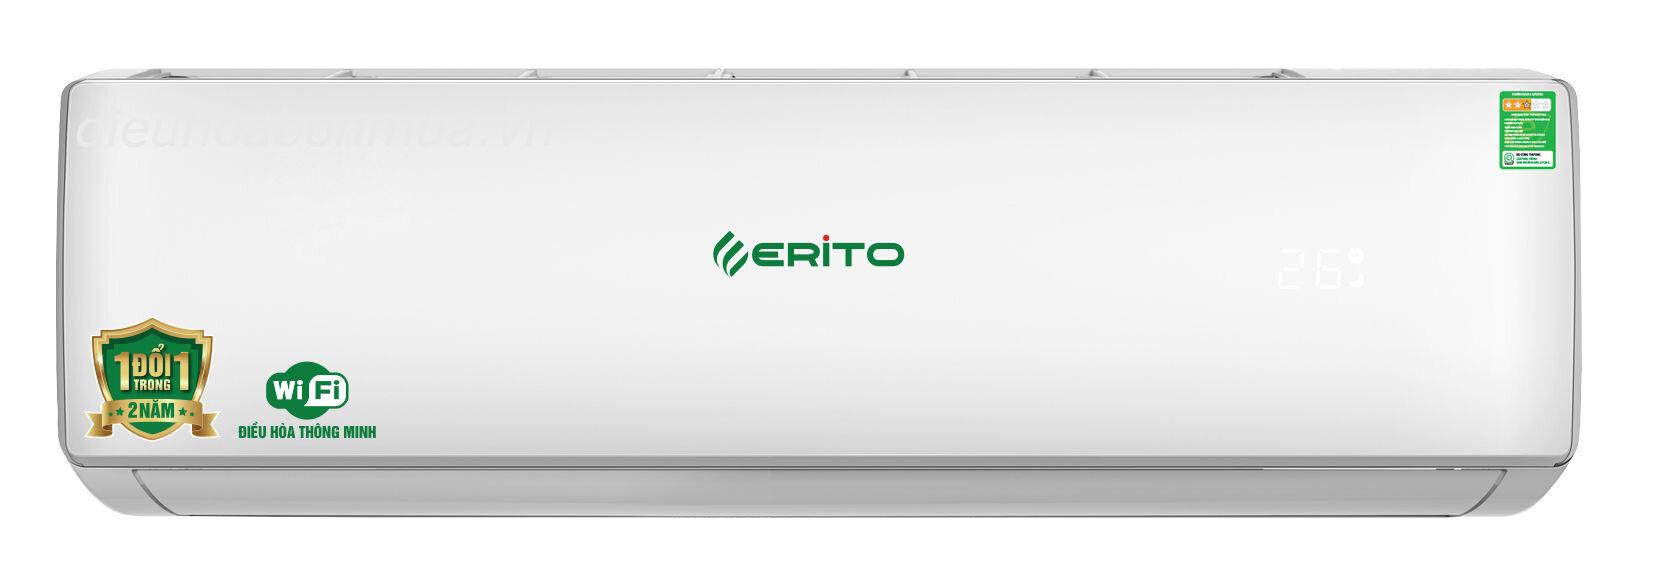 Điều hòa - Máy lạnh Erito ETI-N15CS1 - 1 chiều, 12000Btu